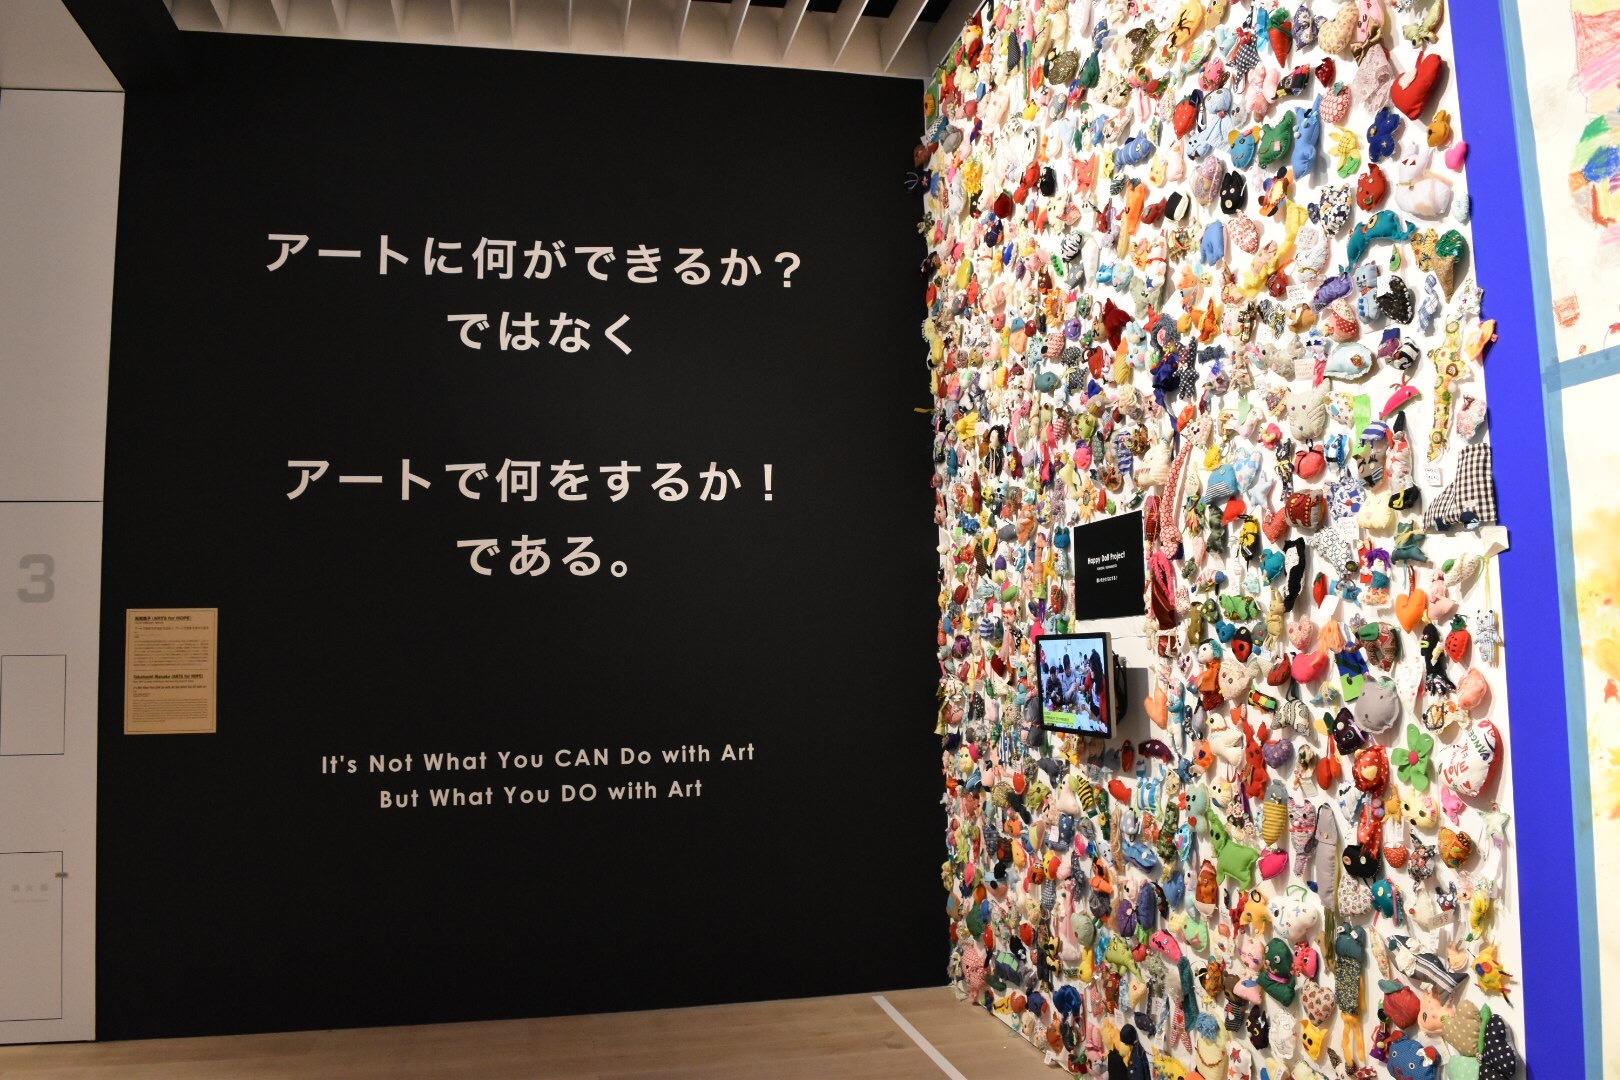 《アートで何ができるかではなく、アートで何をするかである》 高橋雅子(ARTS for HOPE) 2018年 作家蔵